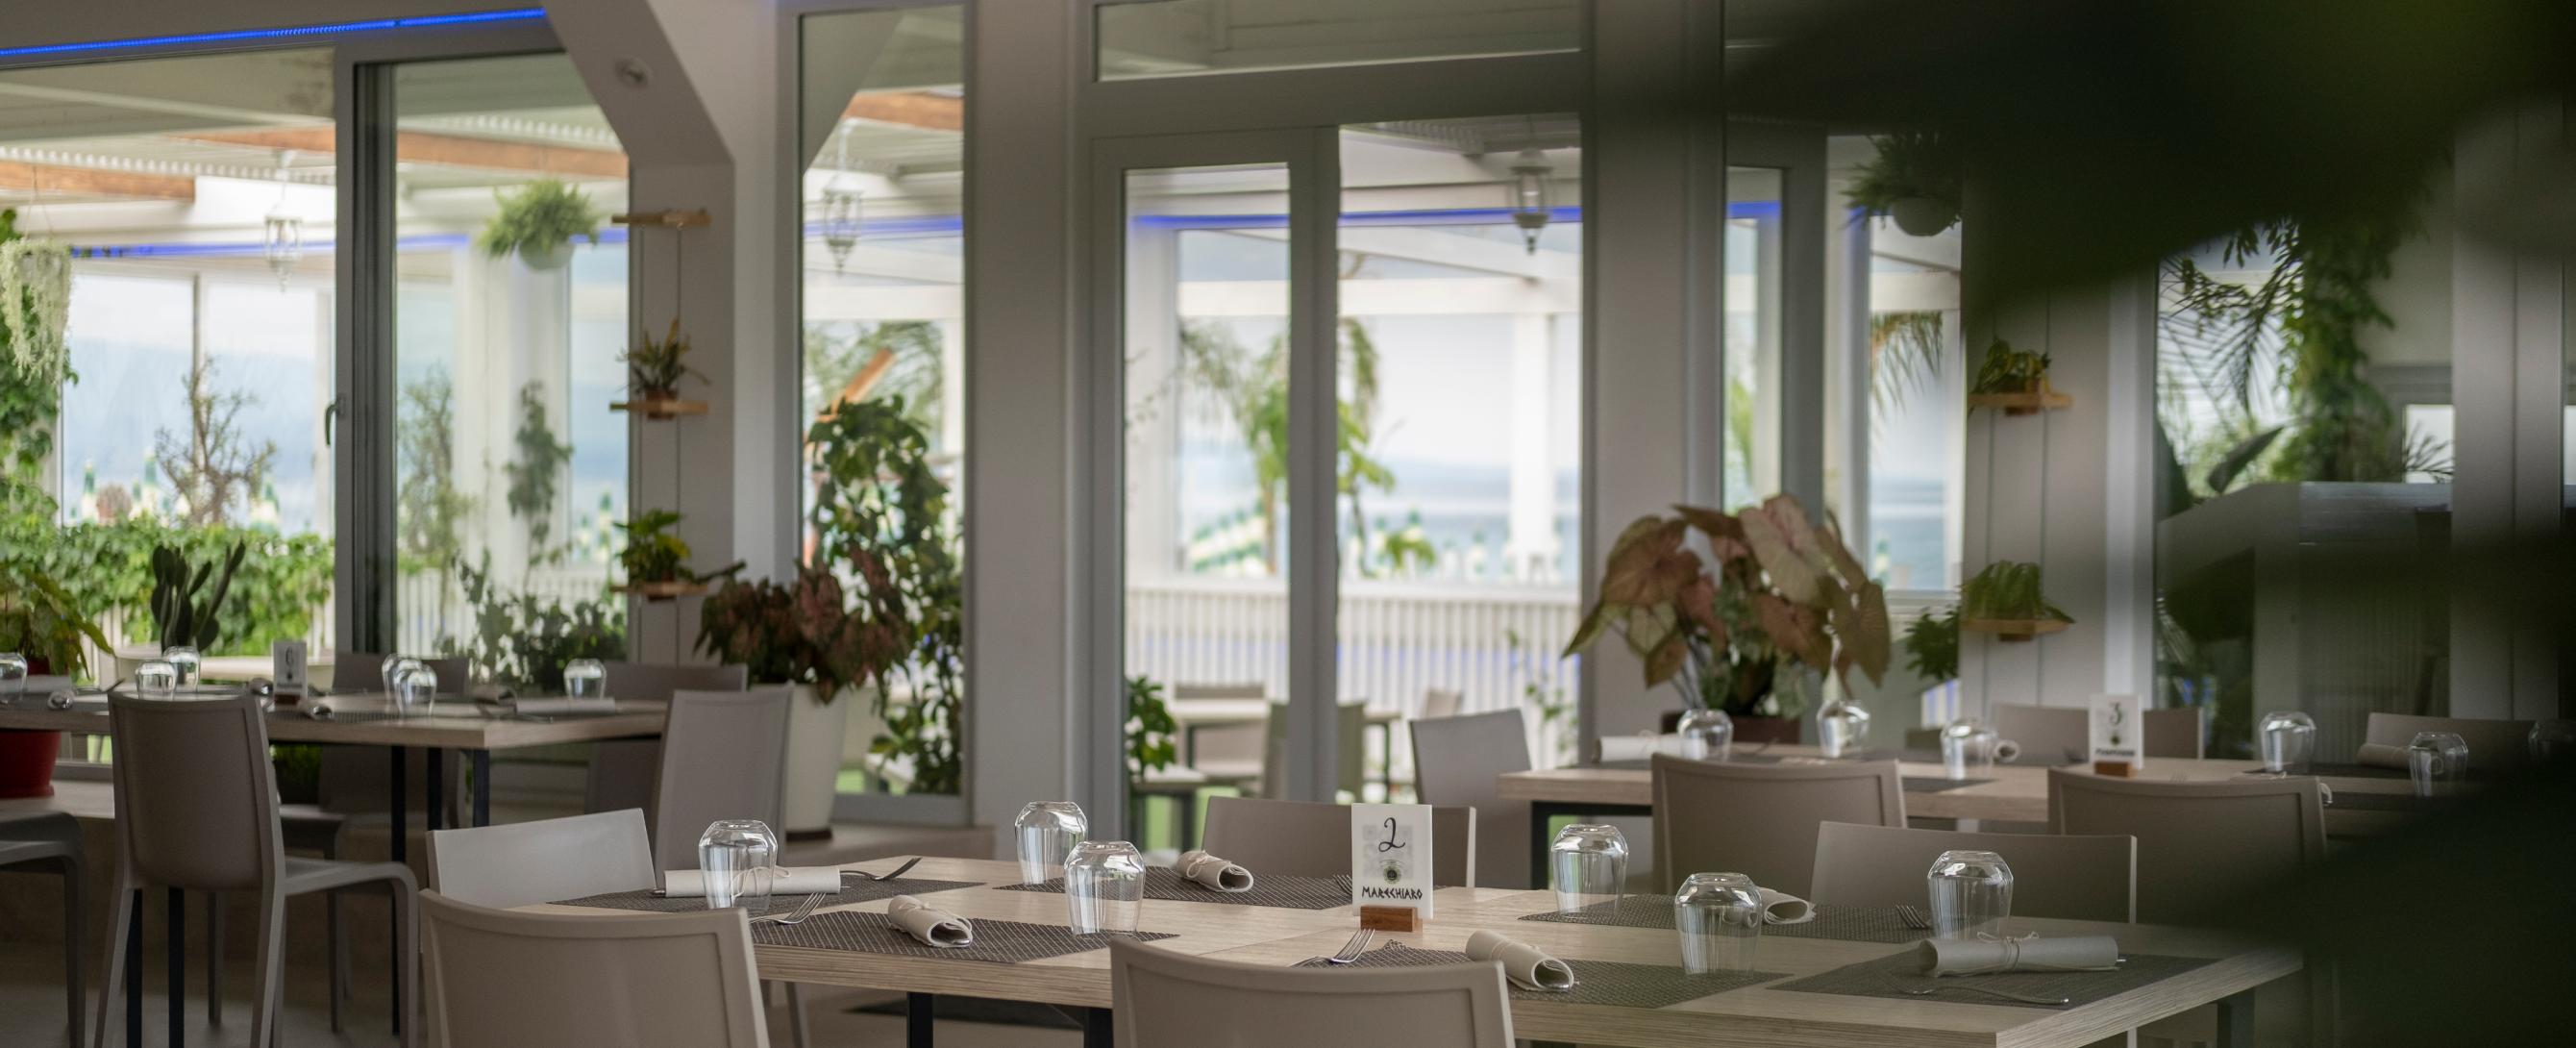 Situato sul lungomare di Soverato si presenta completamente rinnovato.Esaltando ancora di più la veranda sul mare e l'angolo aperitivo con comode sedute. Ristorante, pizzeria, cocktail bar e servizio spiaggia. Confortevole di giorno e suggestivo la sera, con possibilità di organizzazione eventi .